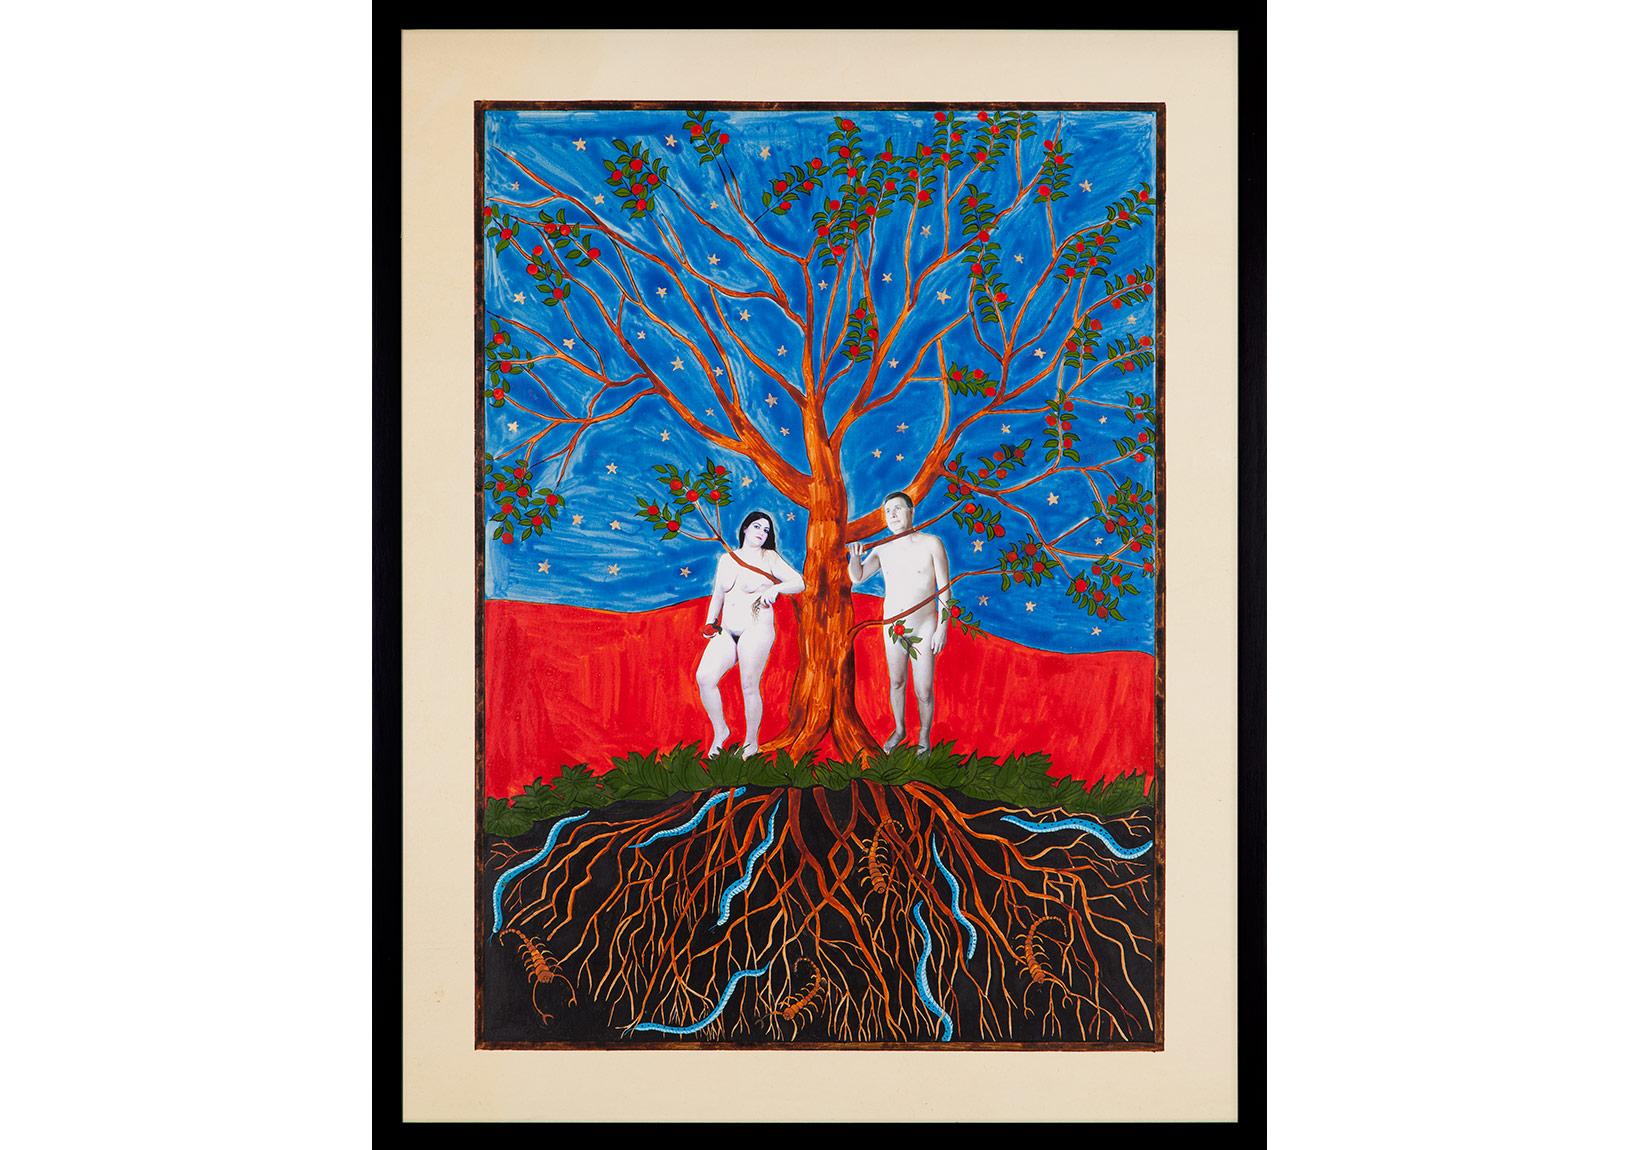 CANAN Hayat Ağacı / The Tree of Life, 2014Aherli kağıt üzerine mürekkep, altın ve fotoğraf / Photograph, gold and ink on special paper65 x 50 x 3.5 cm (çerçeveli/framed)Sanatçı'nın ve Rampa'nın izniyle / Courtesy the artist and RampaFotoğraf / Photograph: André Carvalho and Tugba Karatop - Chroma